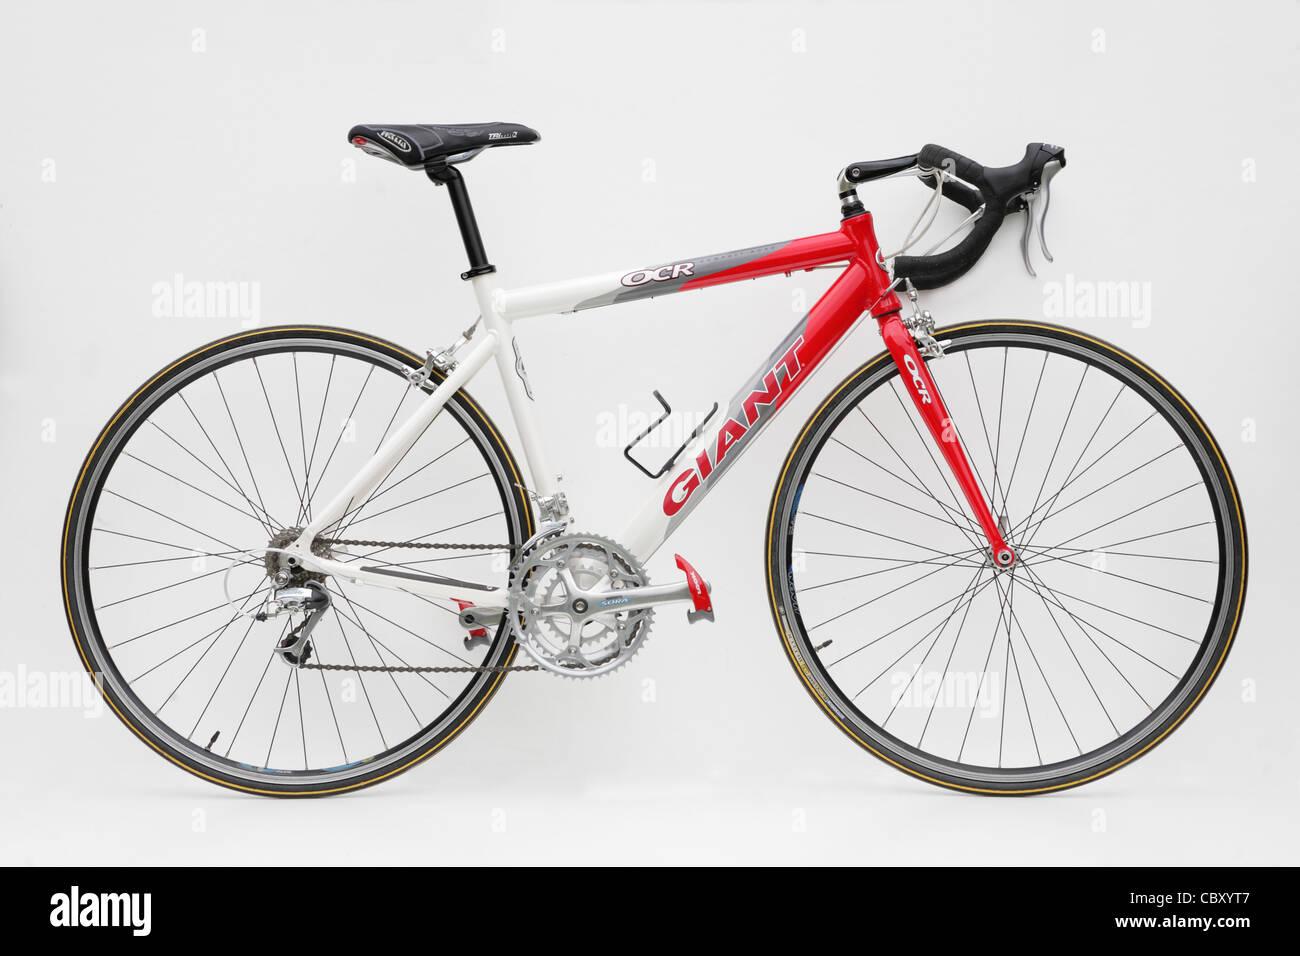 isolierte Giant OCR Fahrrad Rennrad mit Oversize Rahmen dreifach ...